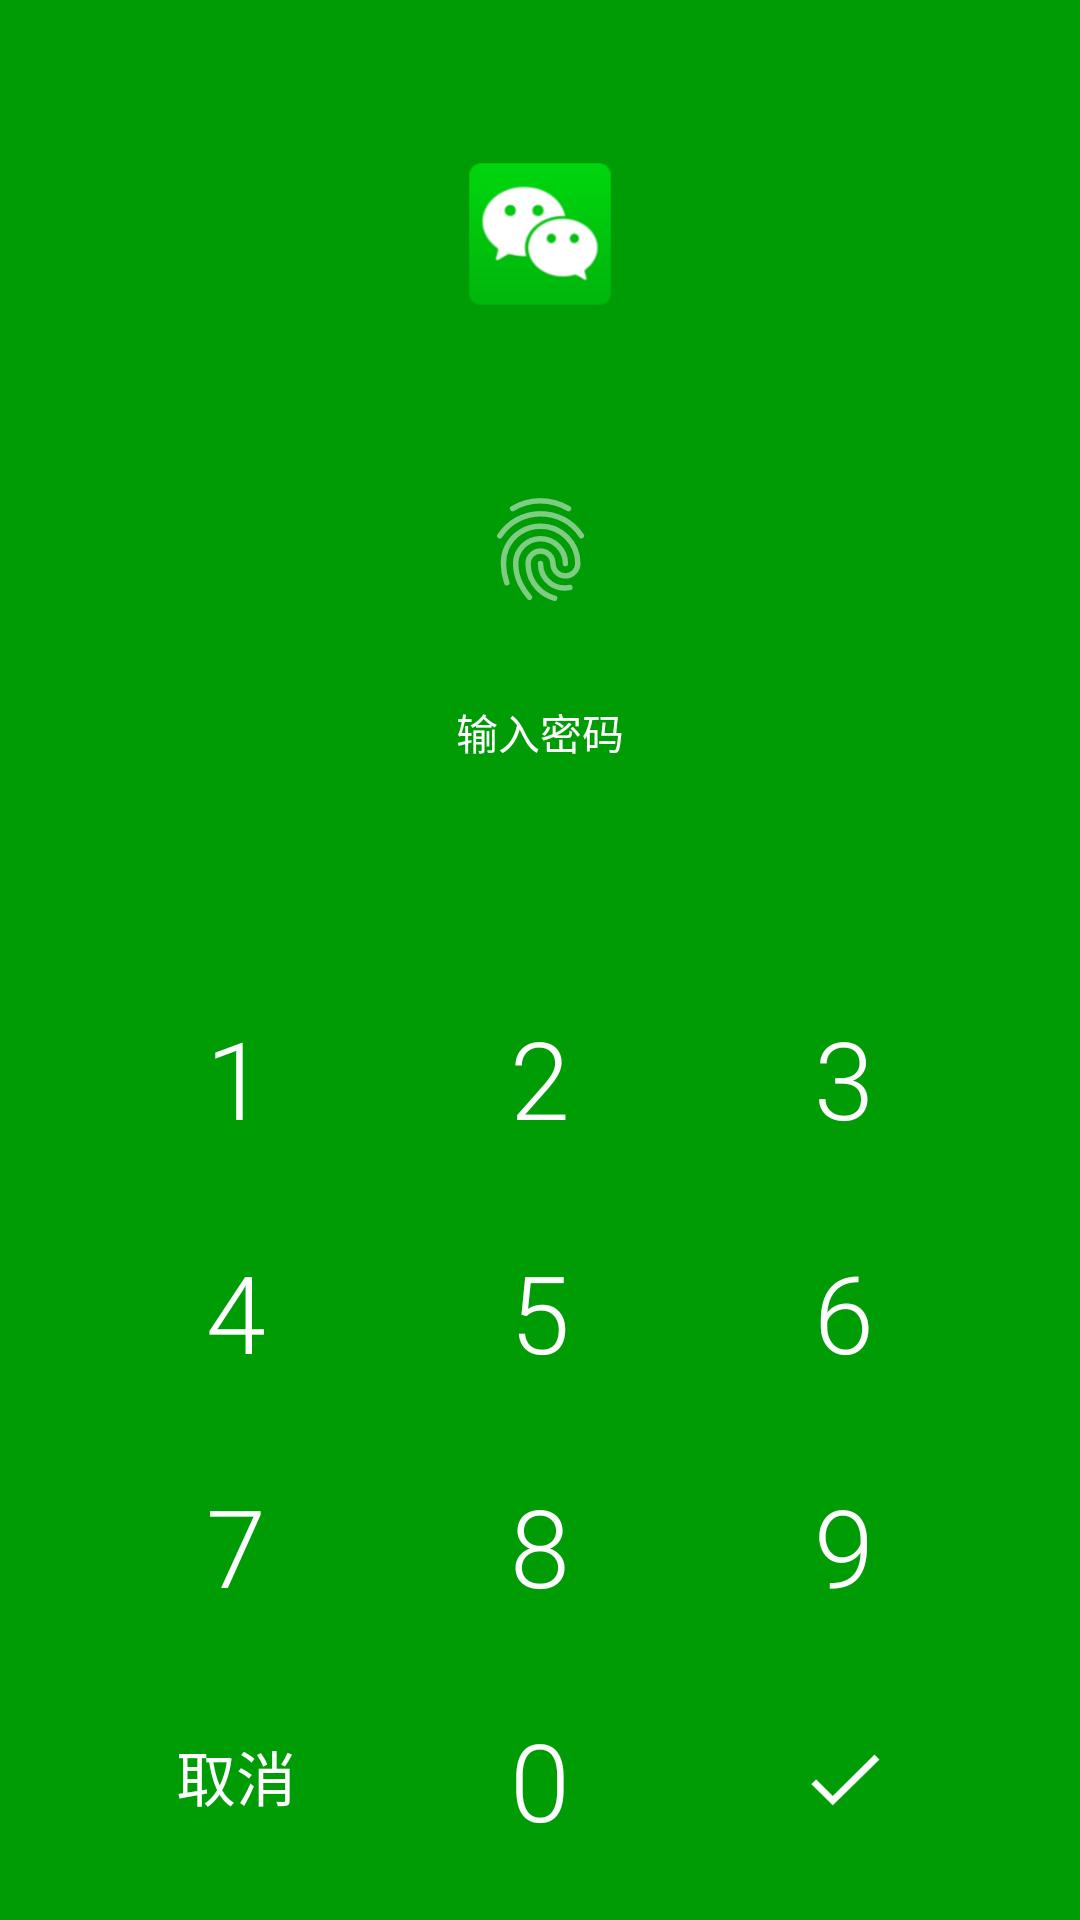 应用锁5.png